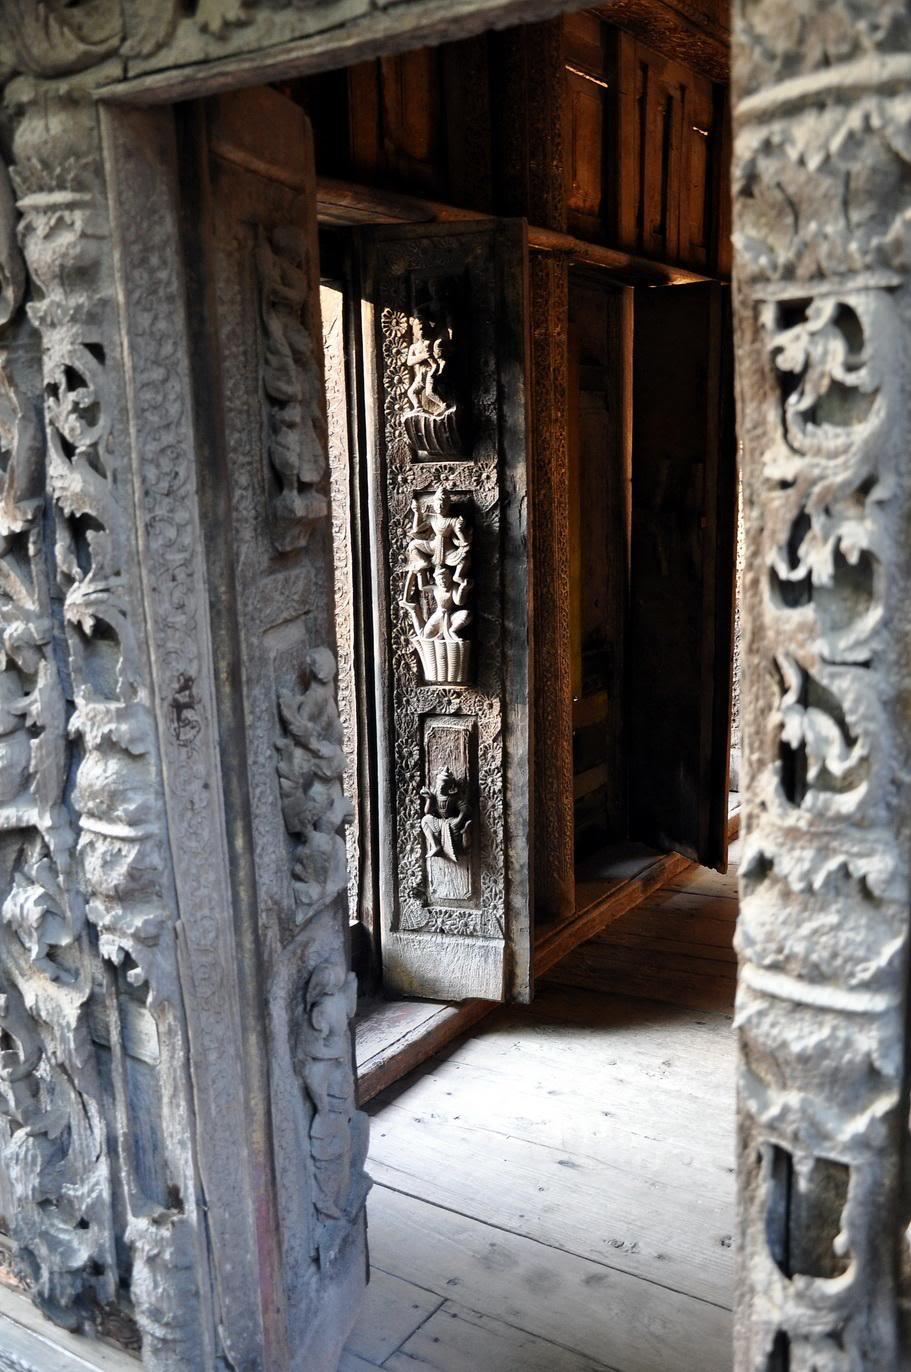 Shwe In Bin Widok na skrzydło drzwi przez inne drzwi